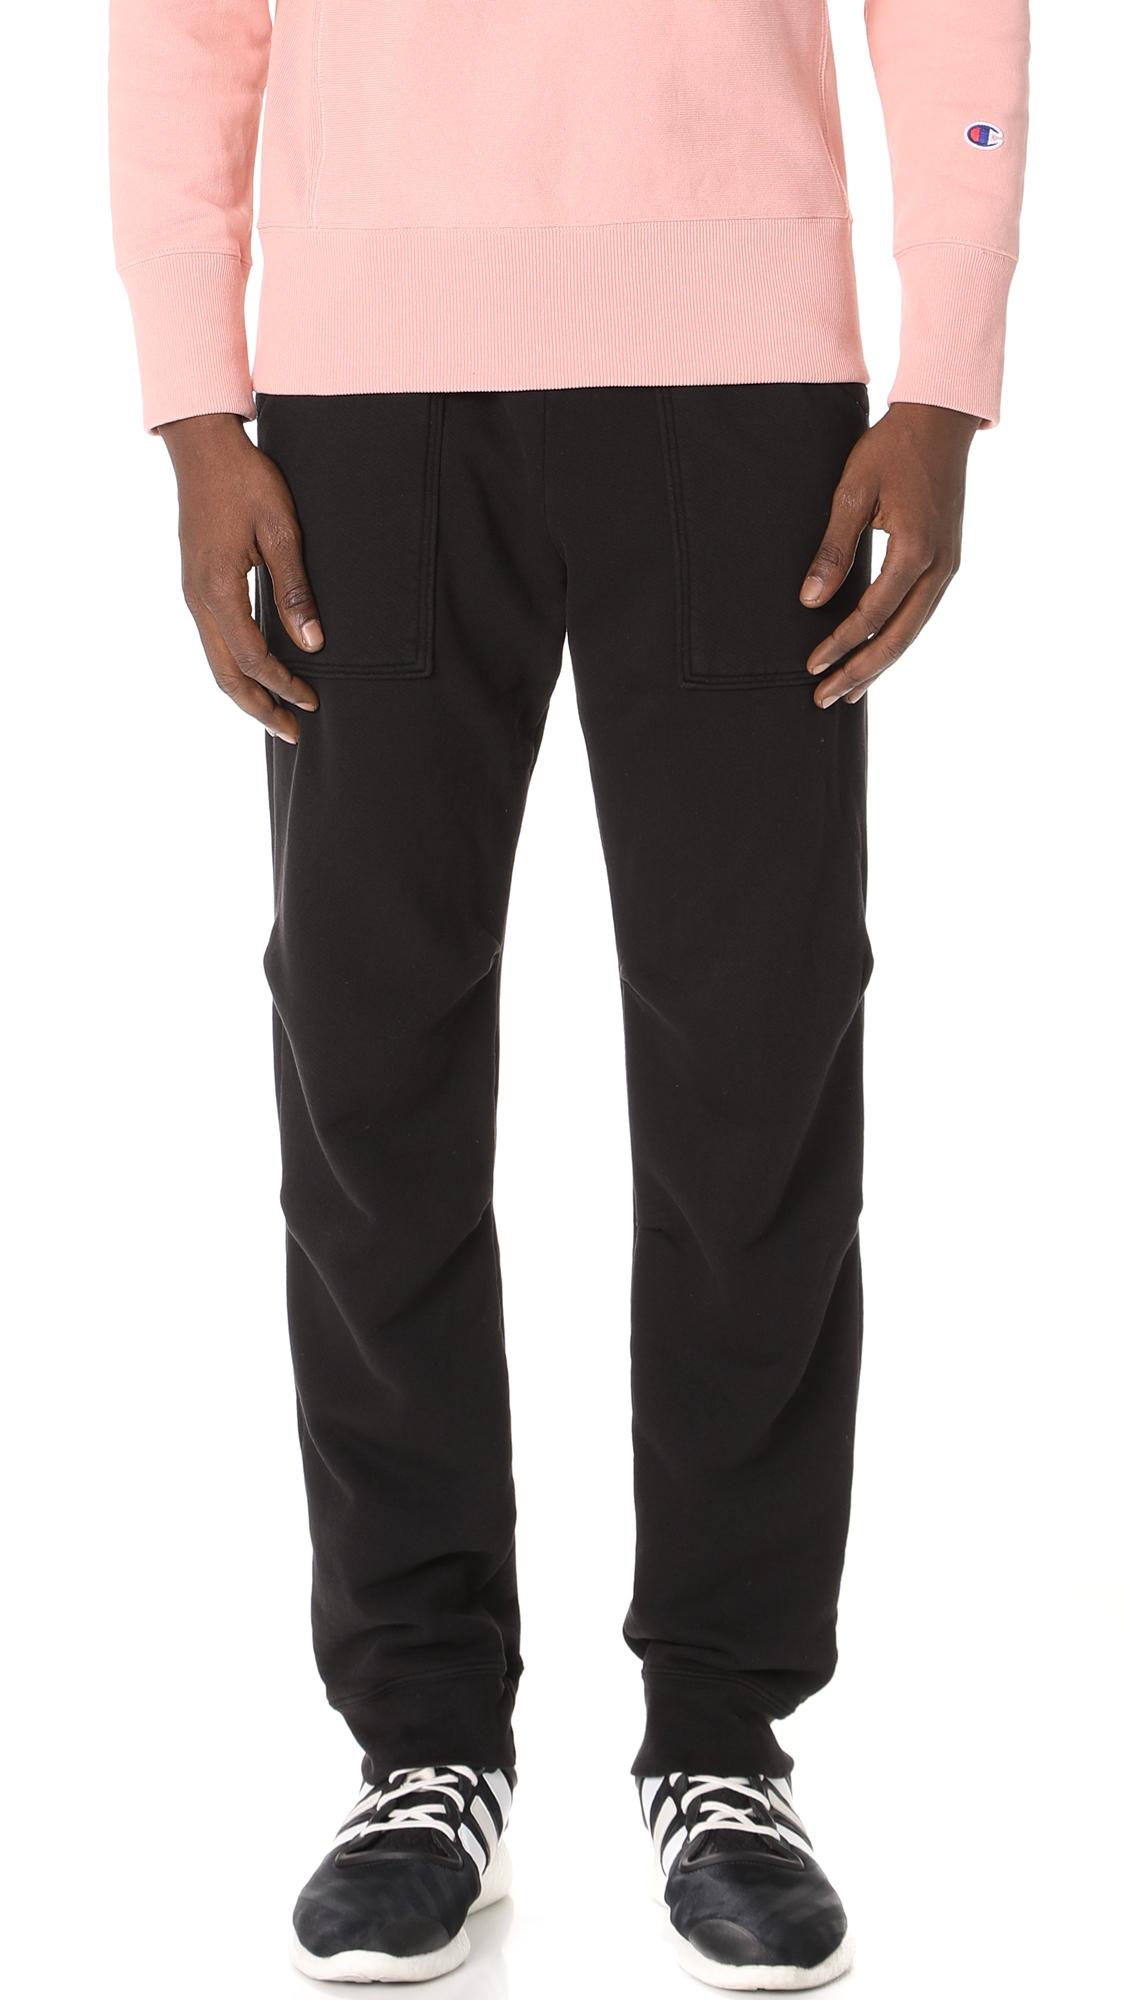 Army Gym Sweatpants